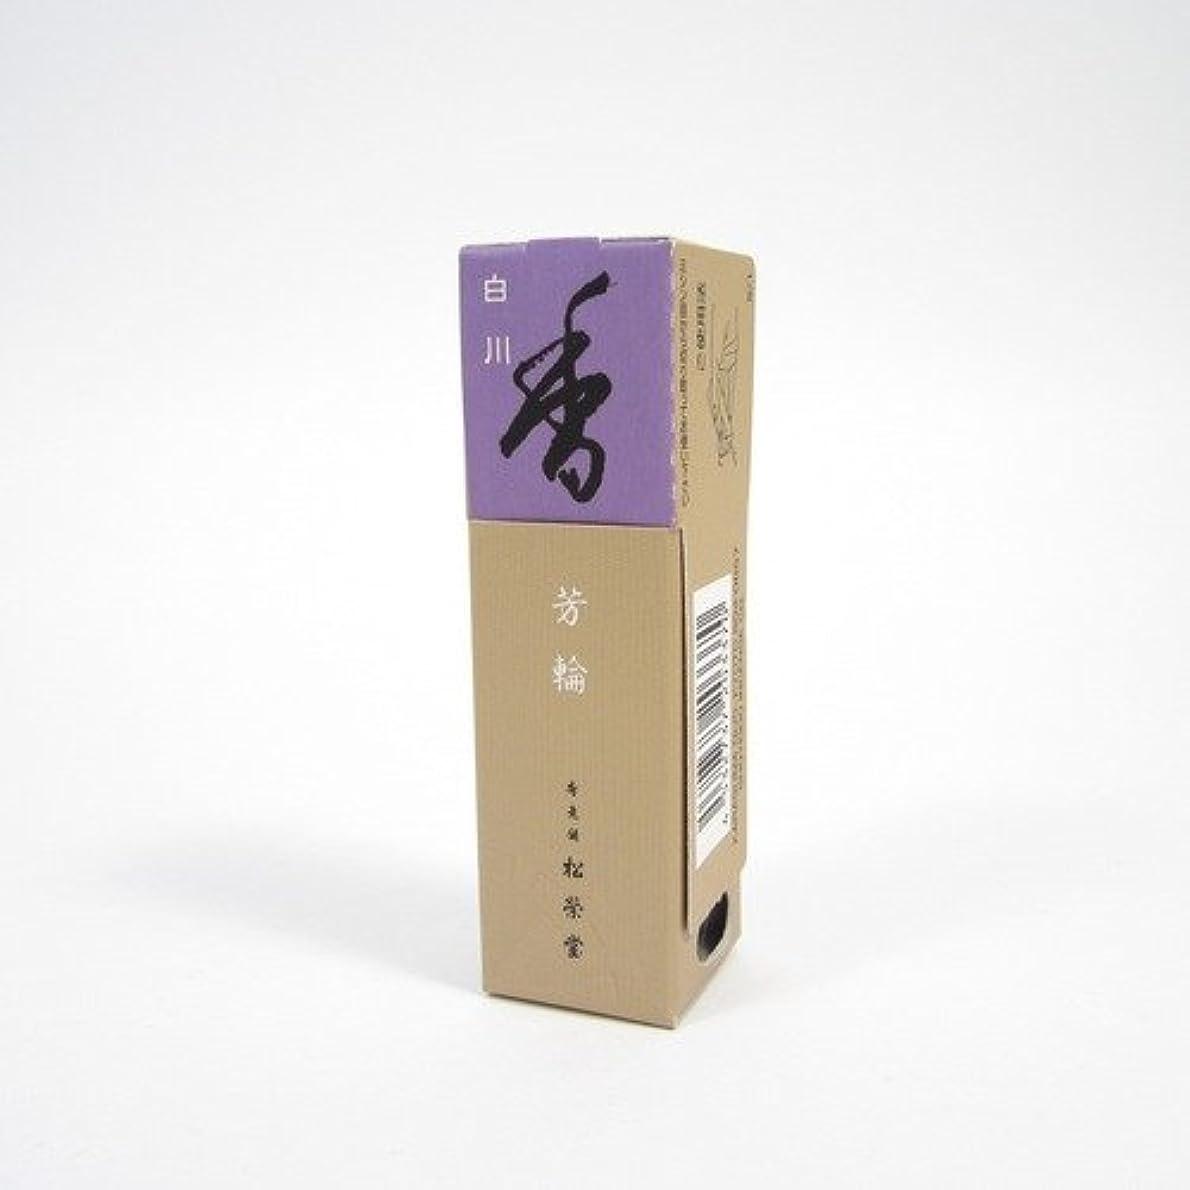 エンジニアカートン単独で松栄堂のお香 芳輪白川 ST20本入 簡易香立付 #210623